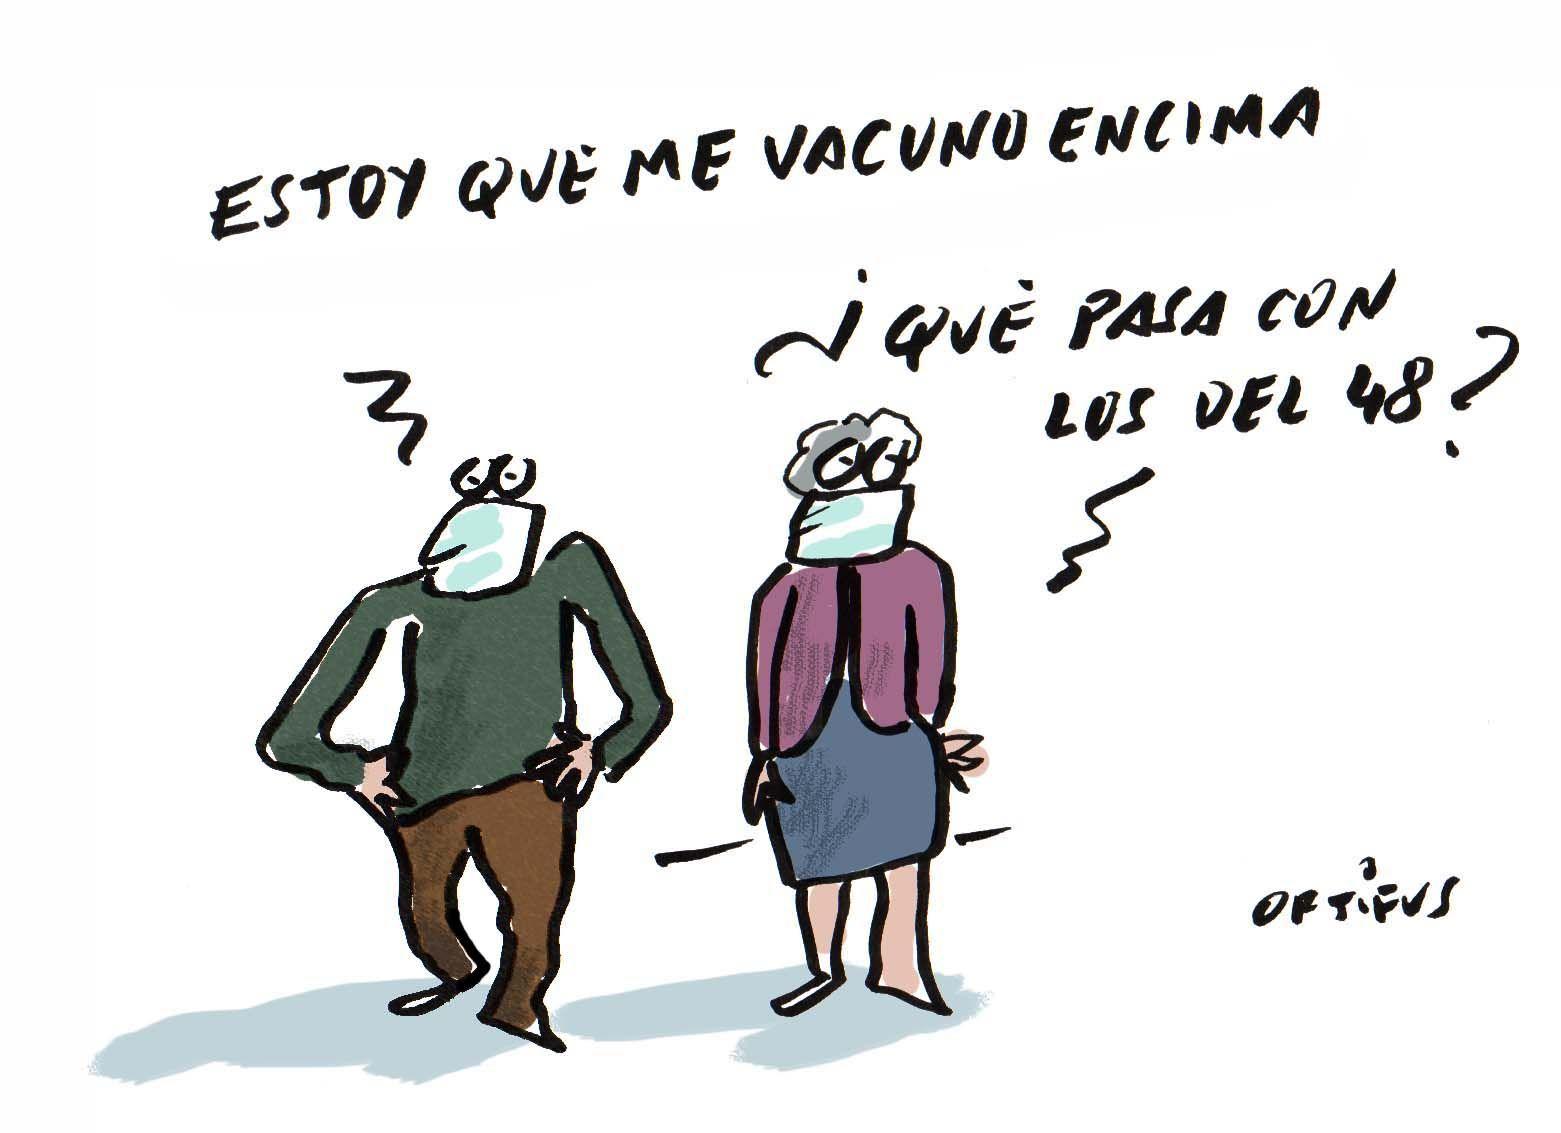 Vacuno